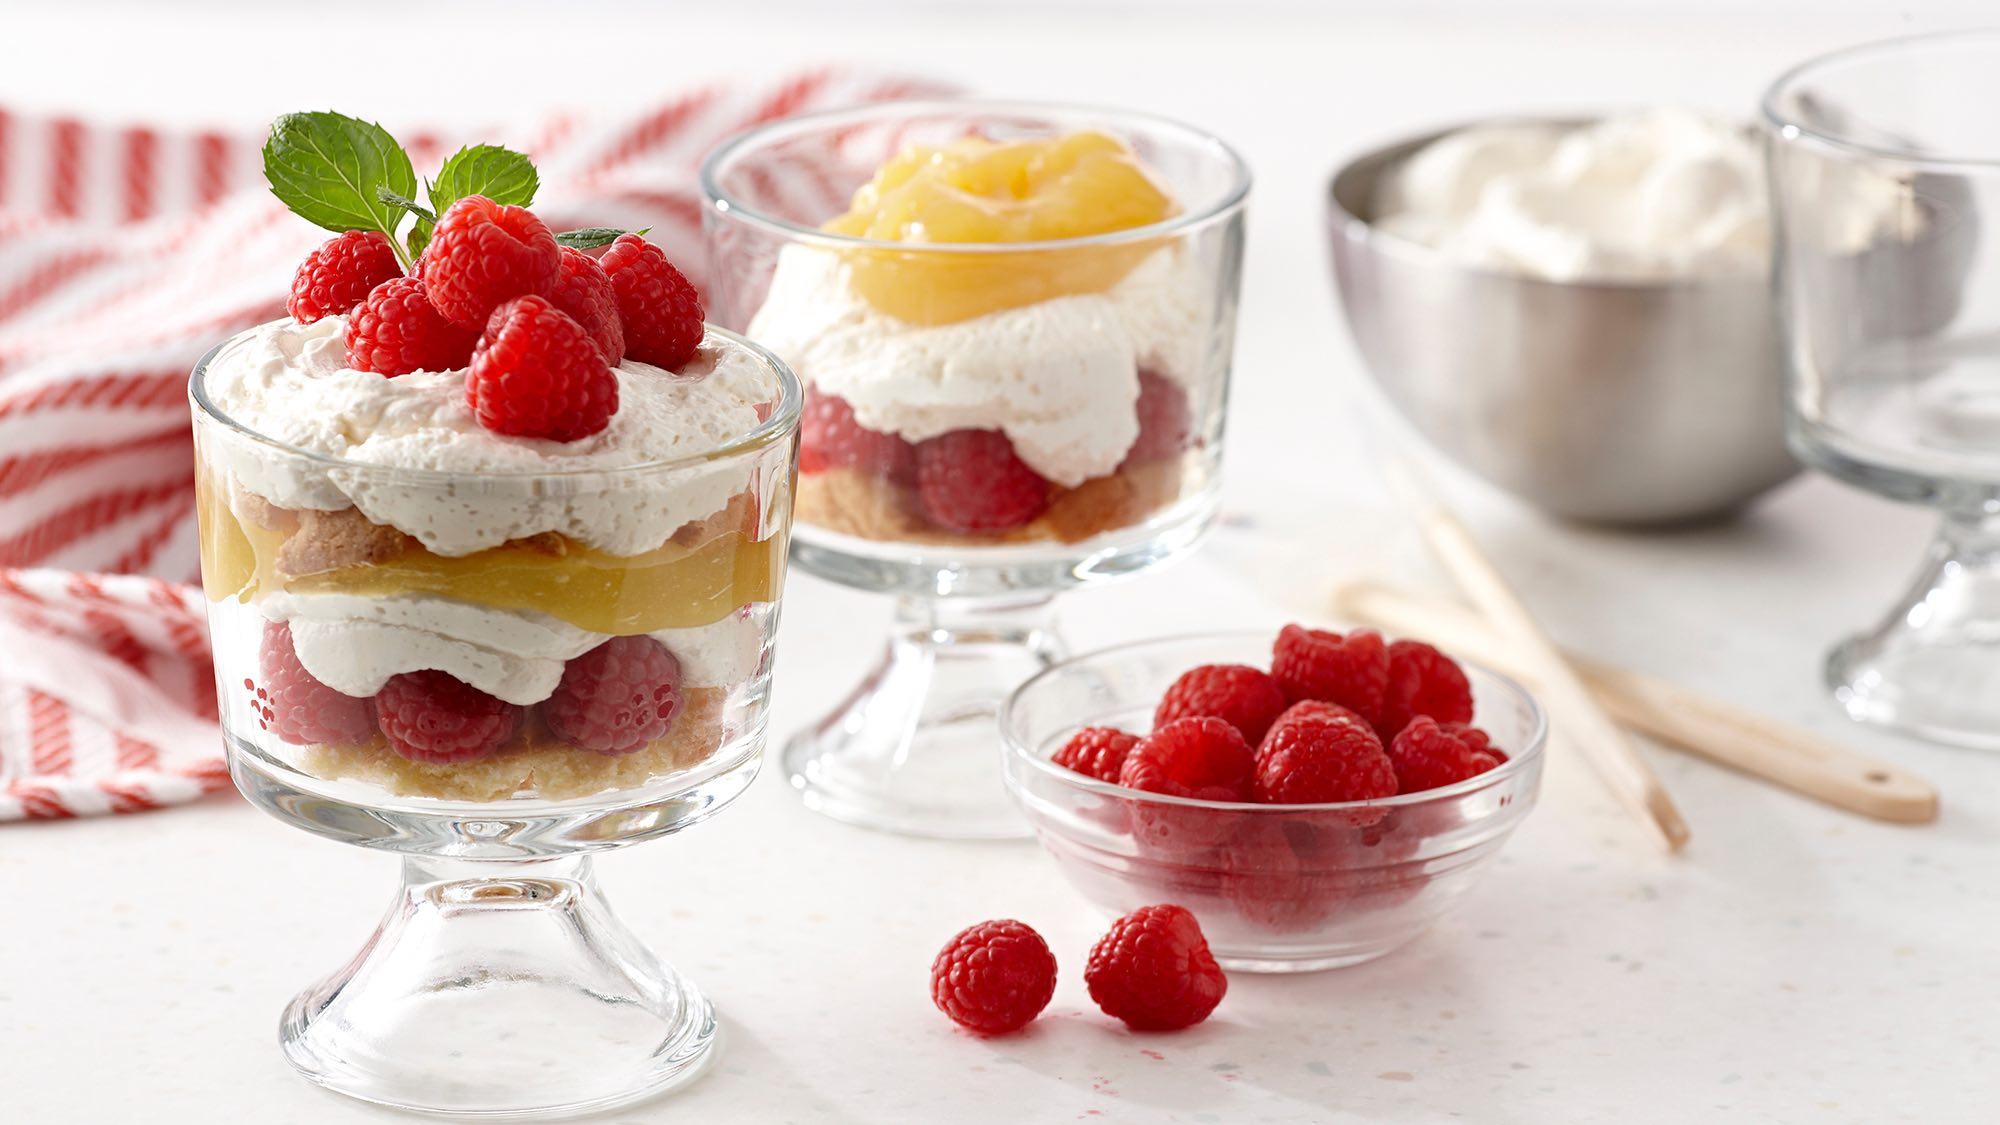 McCormick Raspberry Parfaits